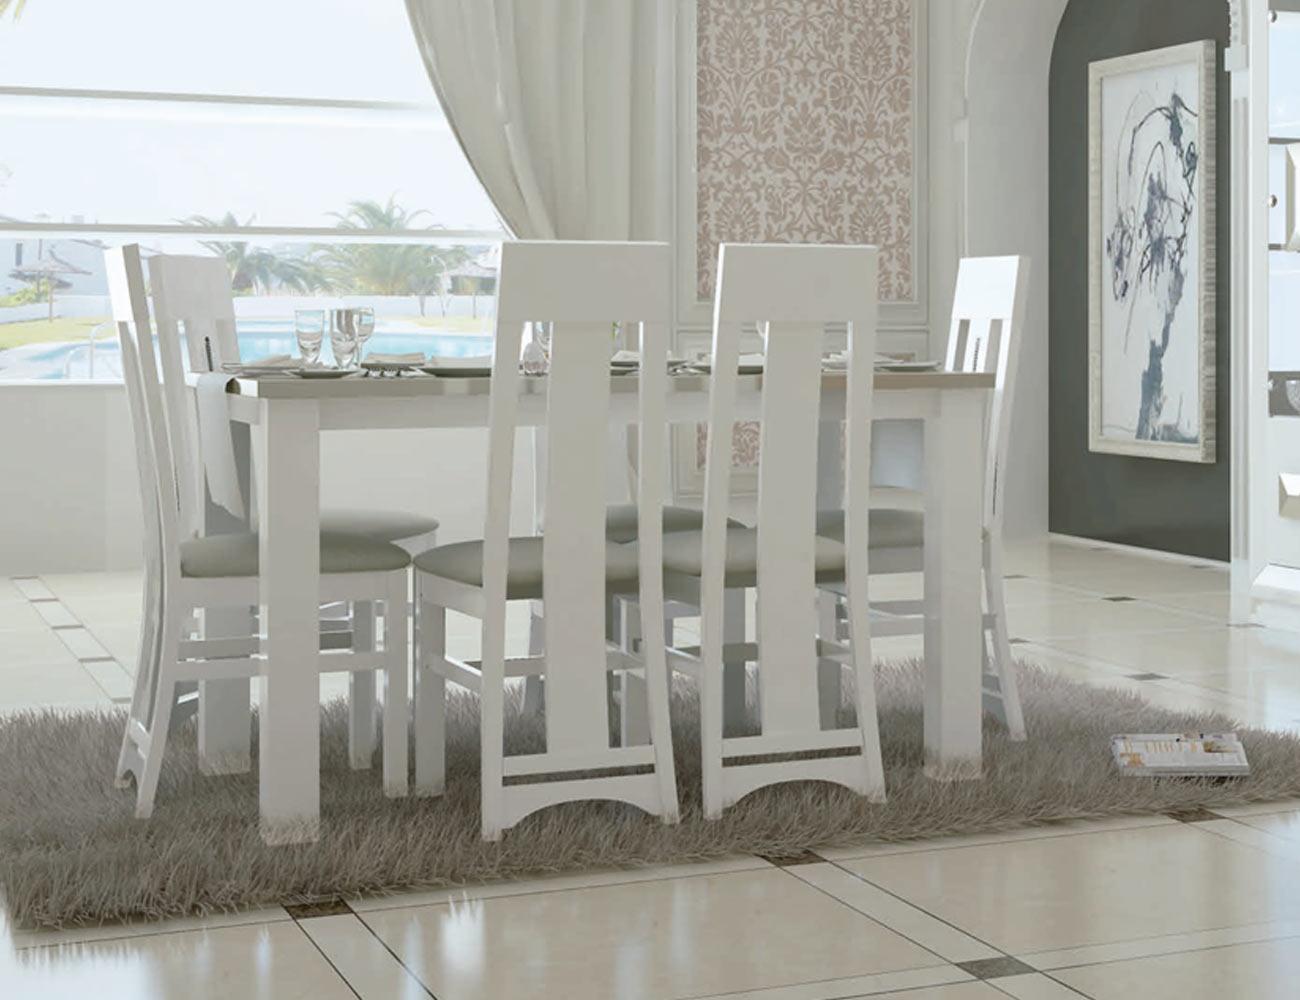 Mesa sillas neoclasico color 504